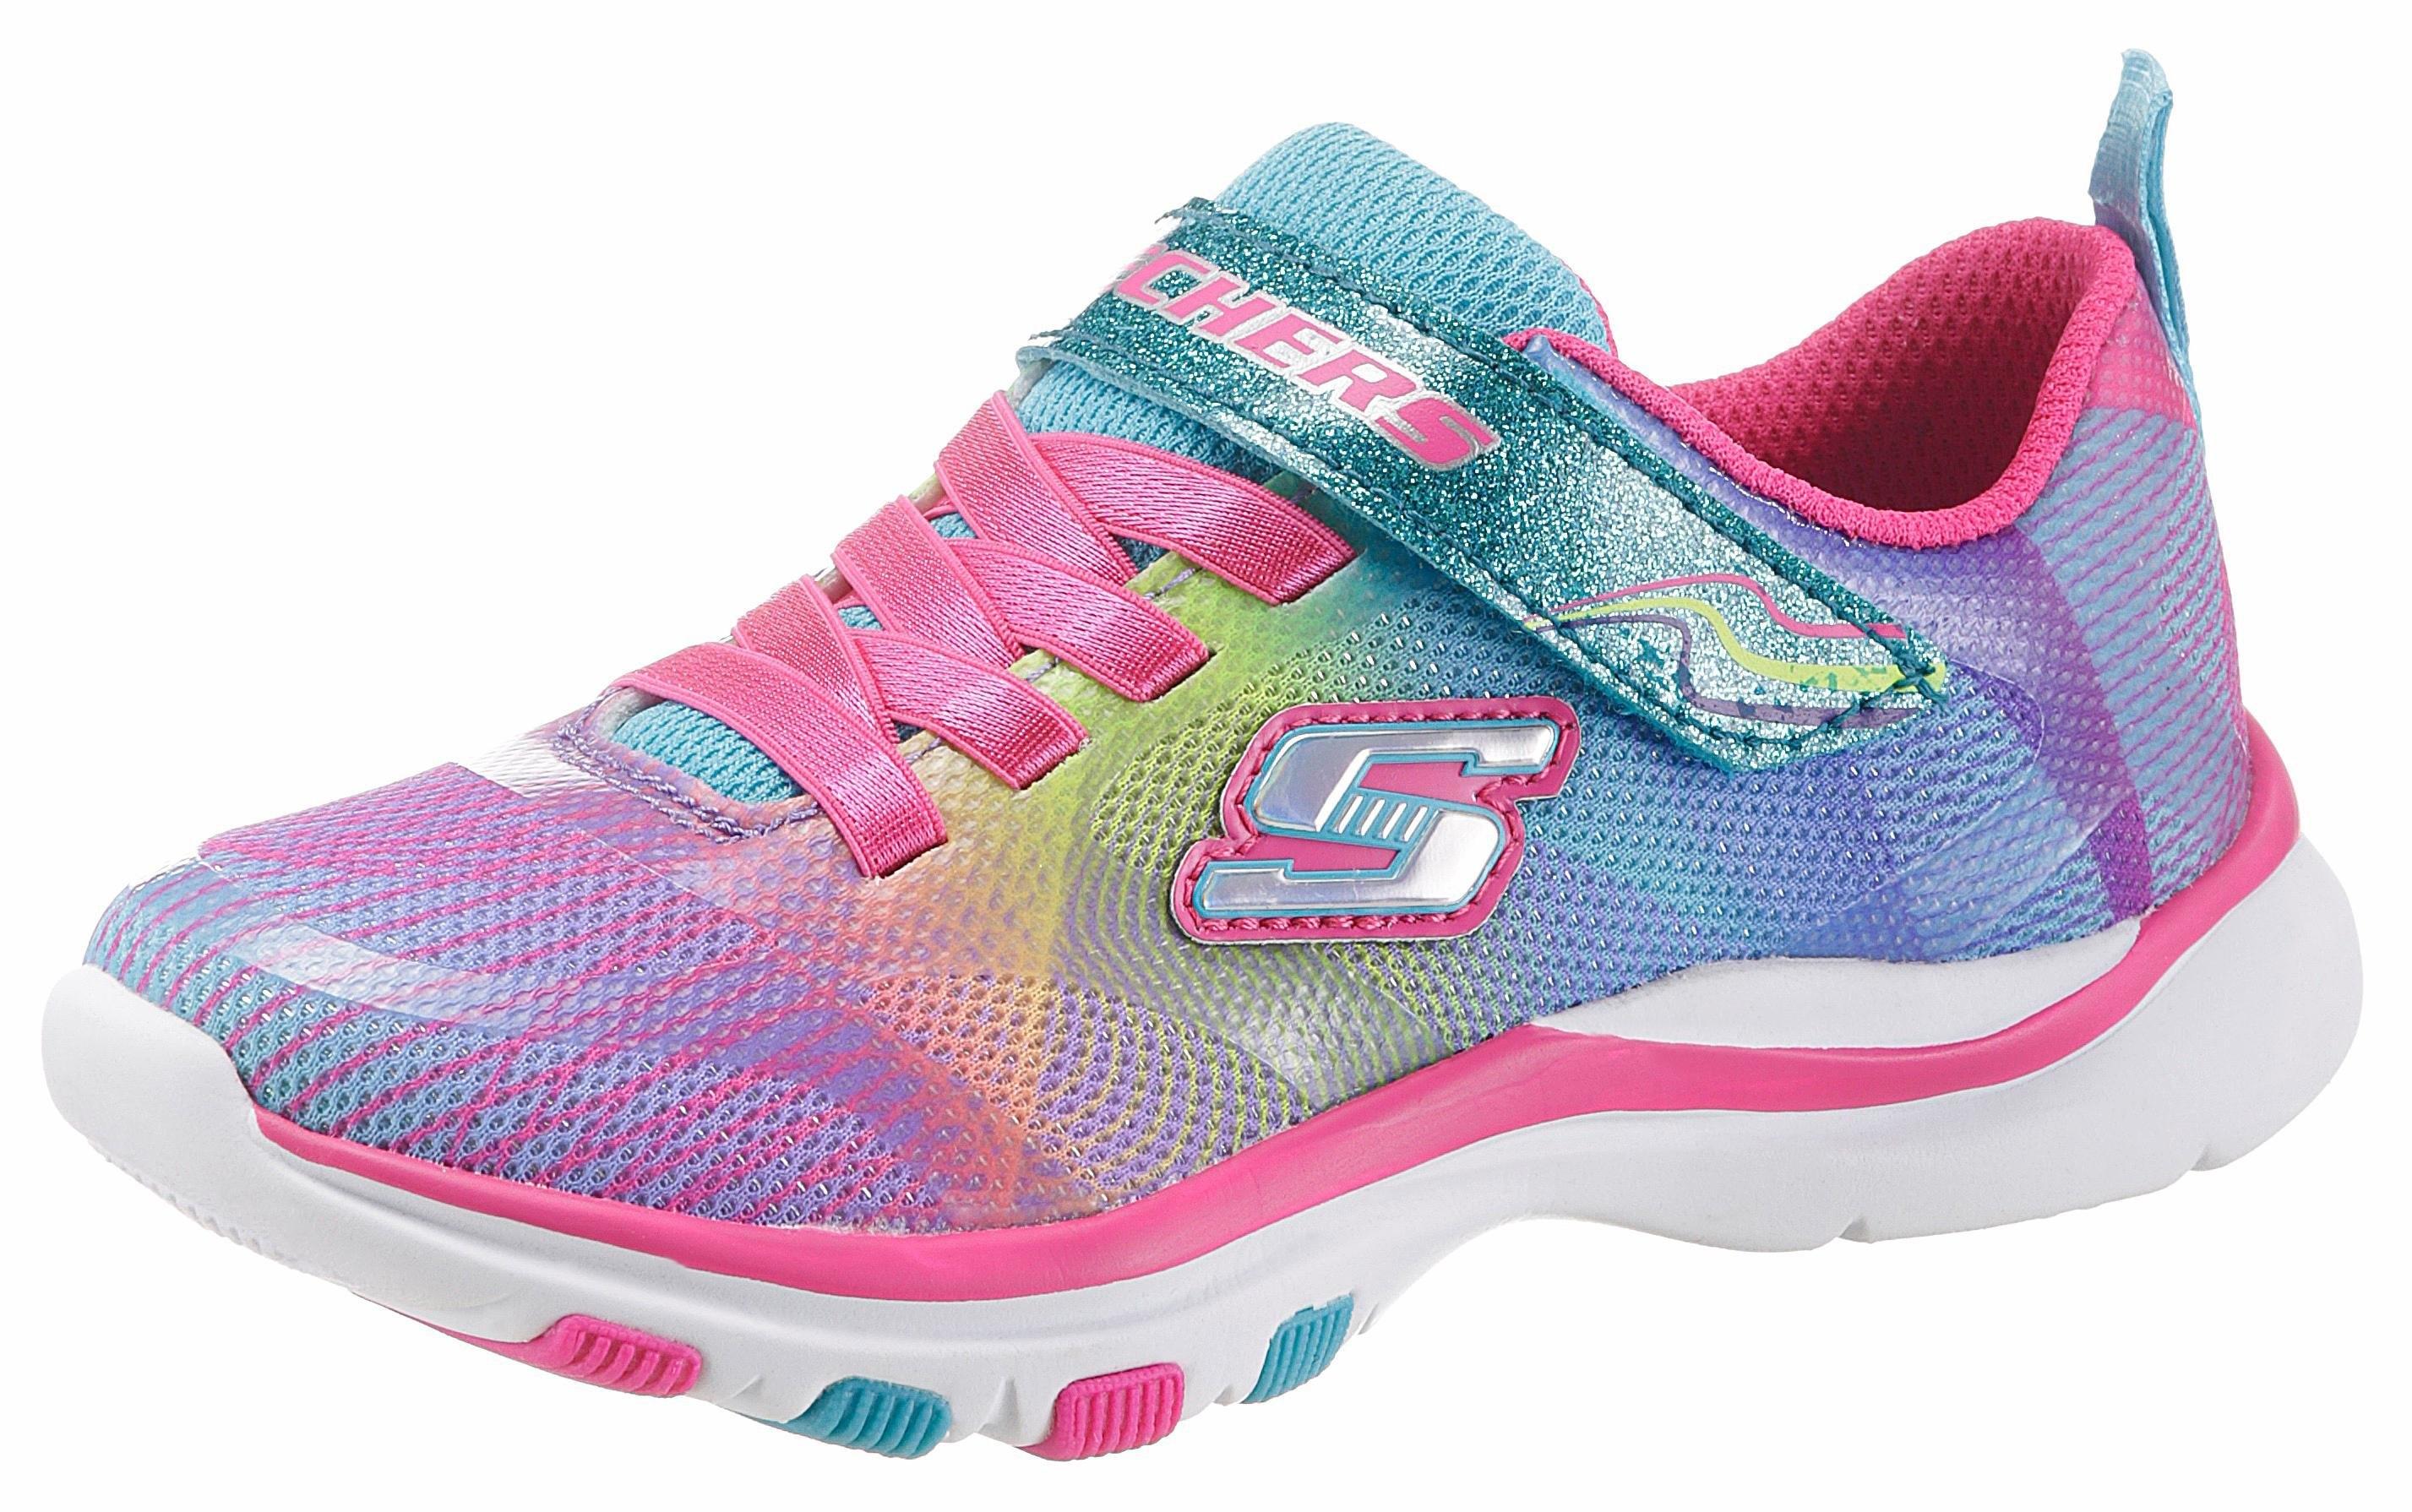 waar te kopen best aardig sneakers voor goedkoop sneakers »Trainer Lite-Dash N` Dazzle«